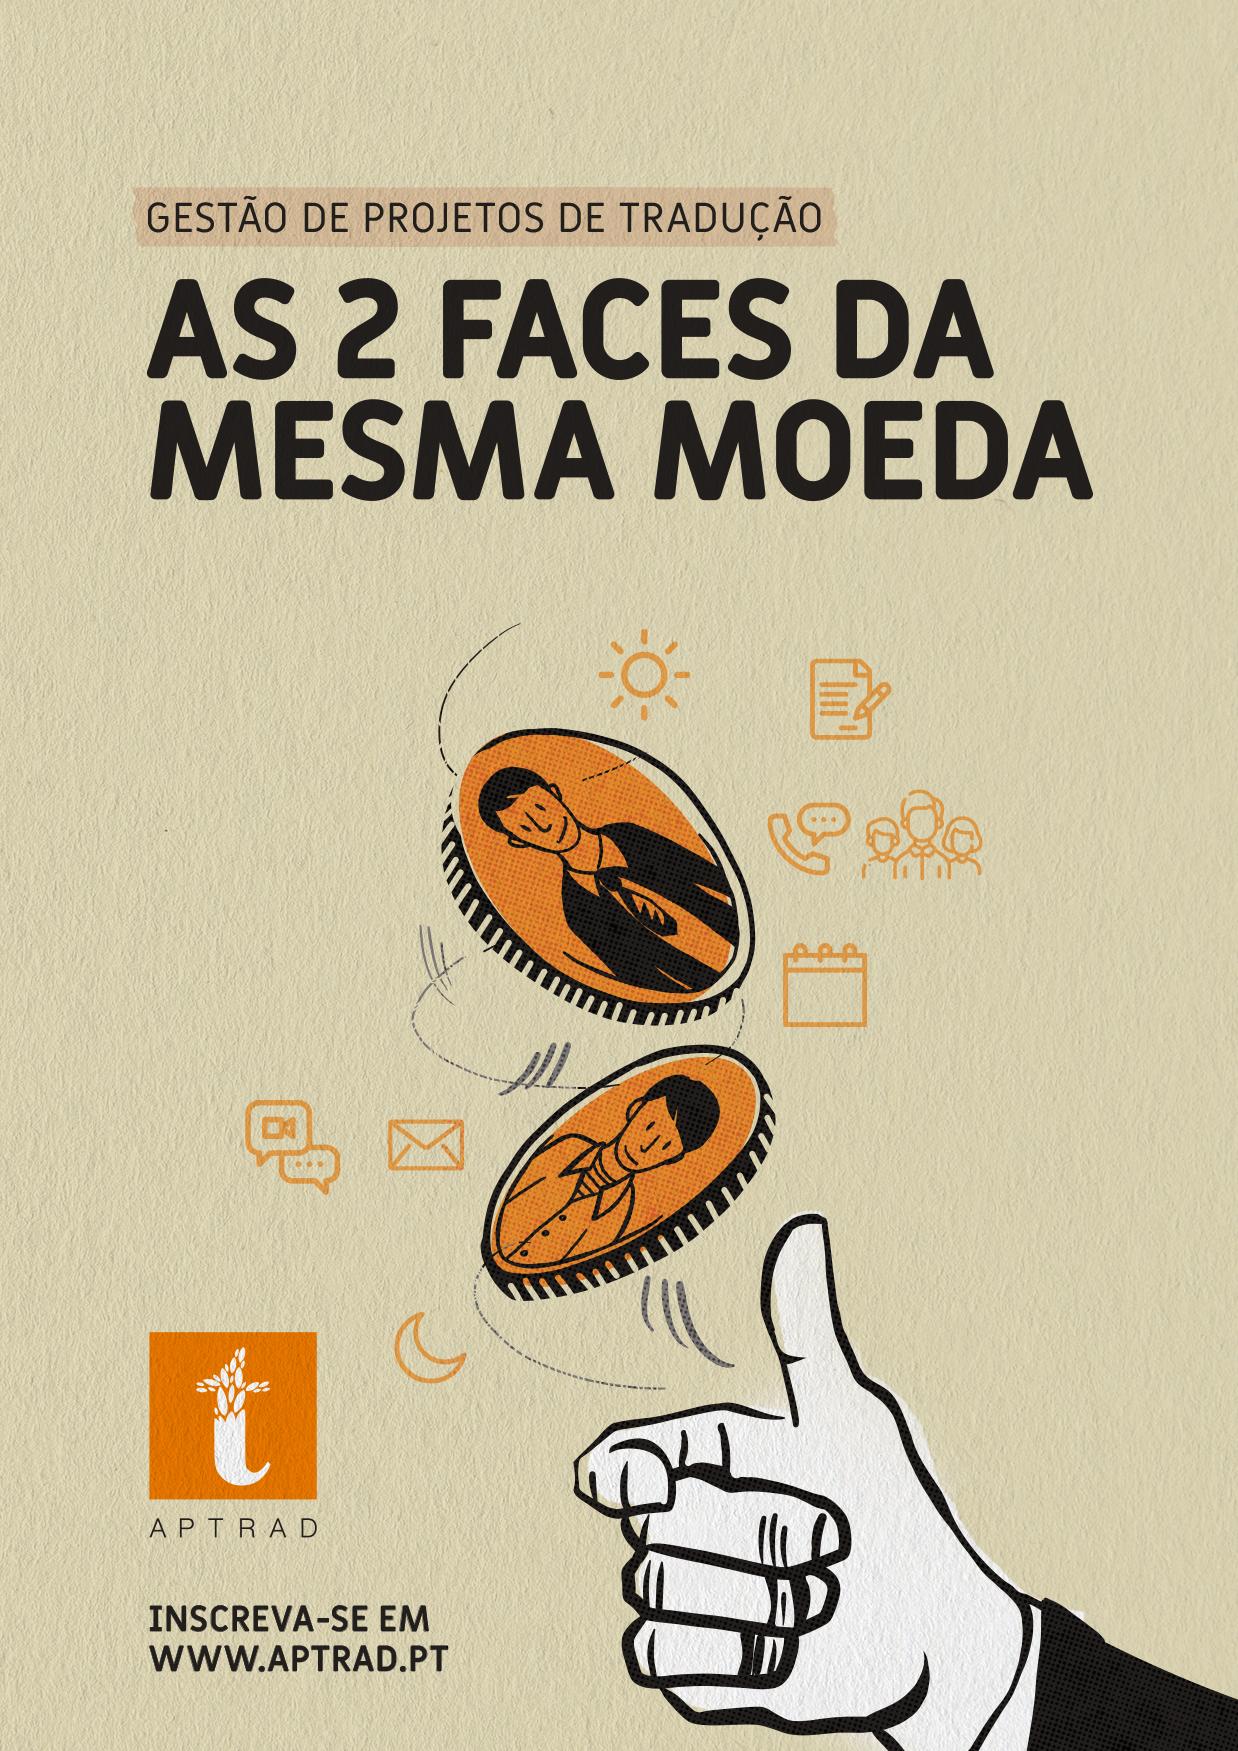 Gestão de projetos de tradução: 2 faces da mesma moeda